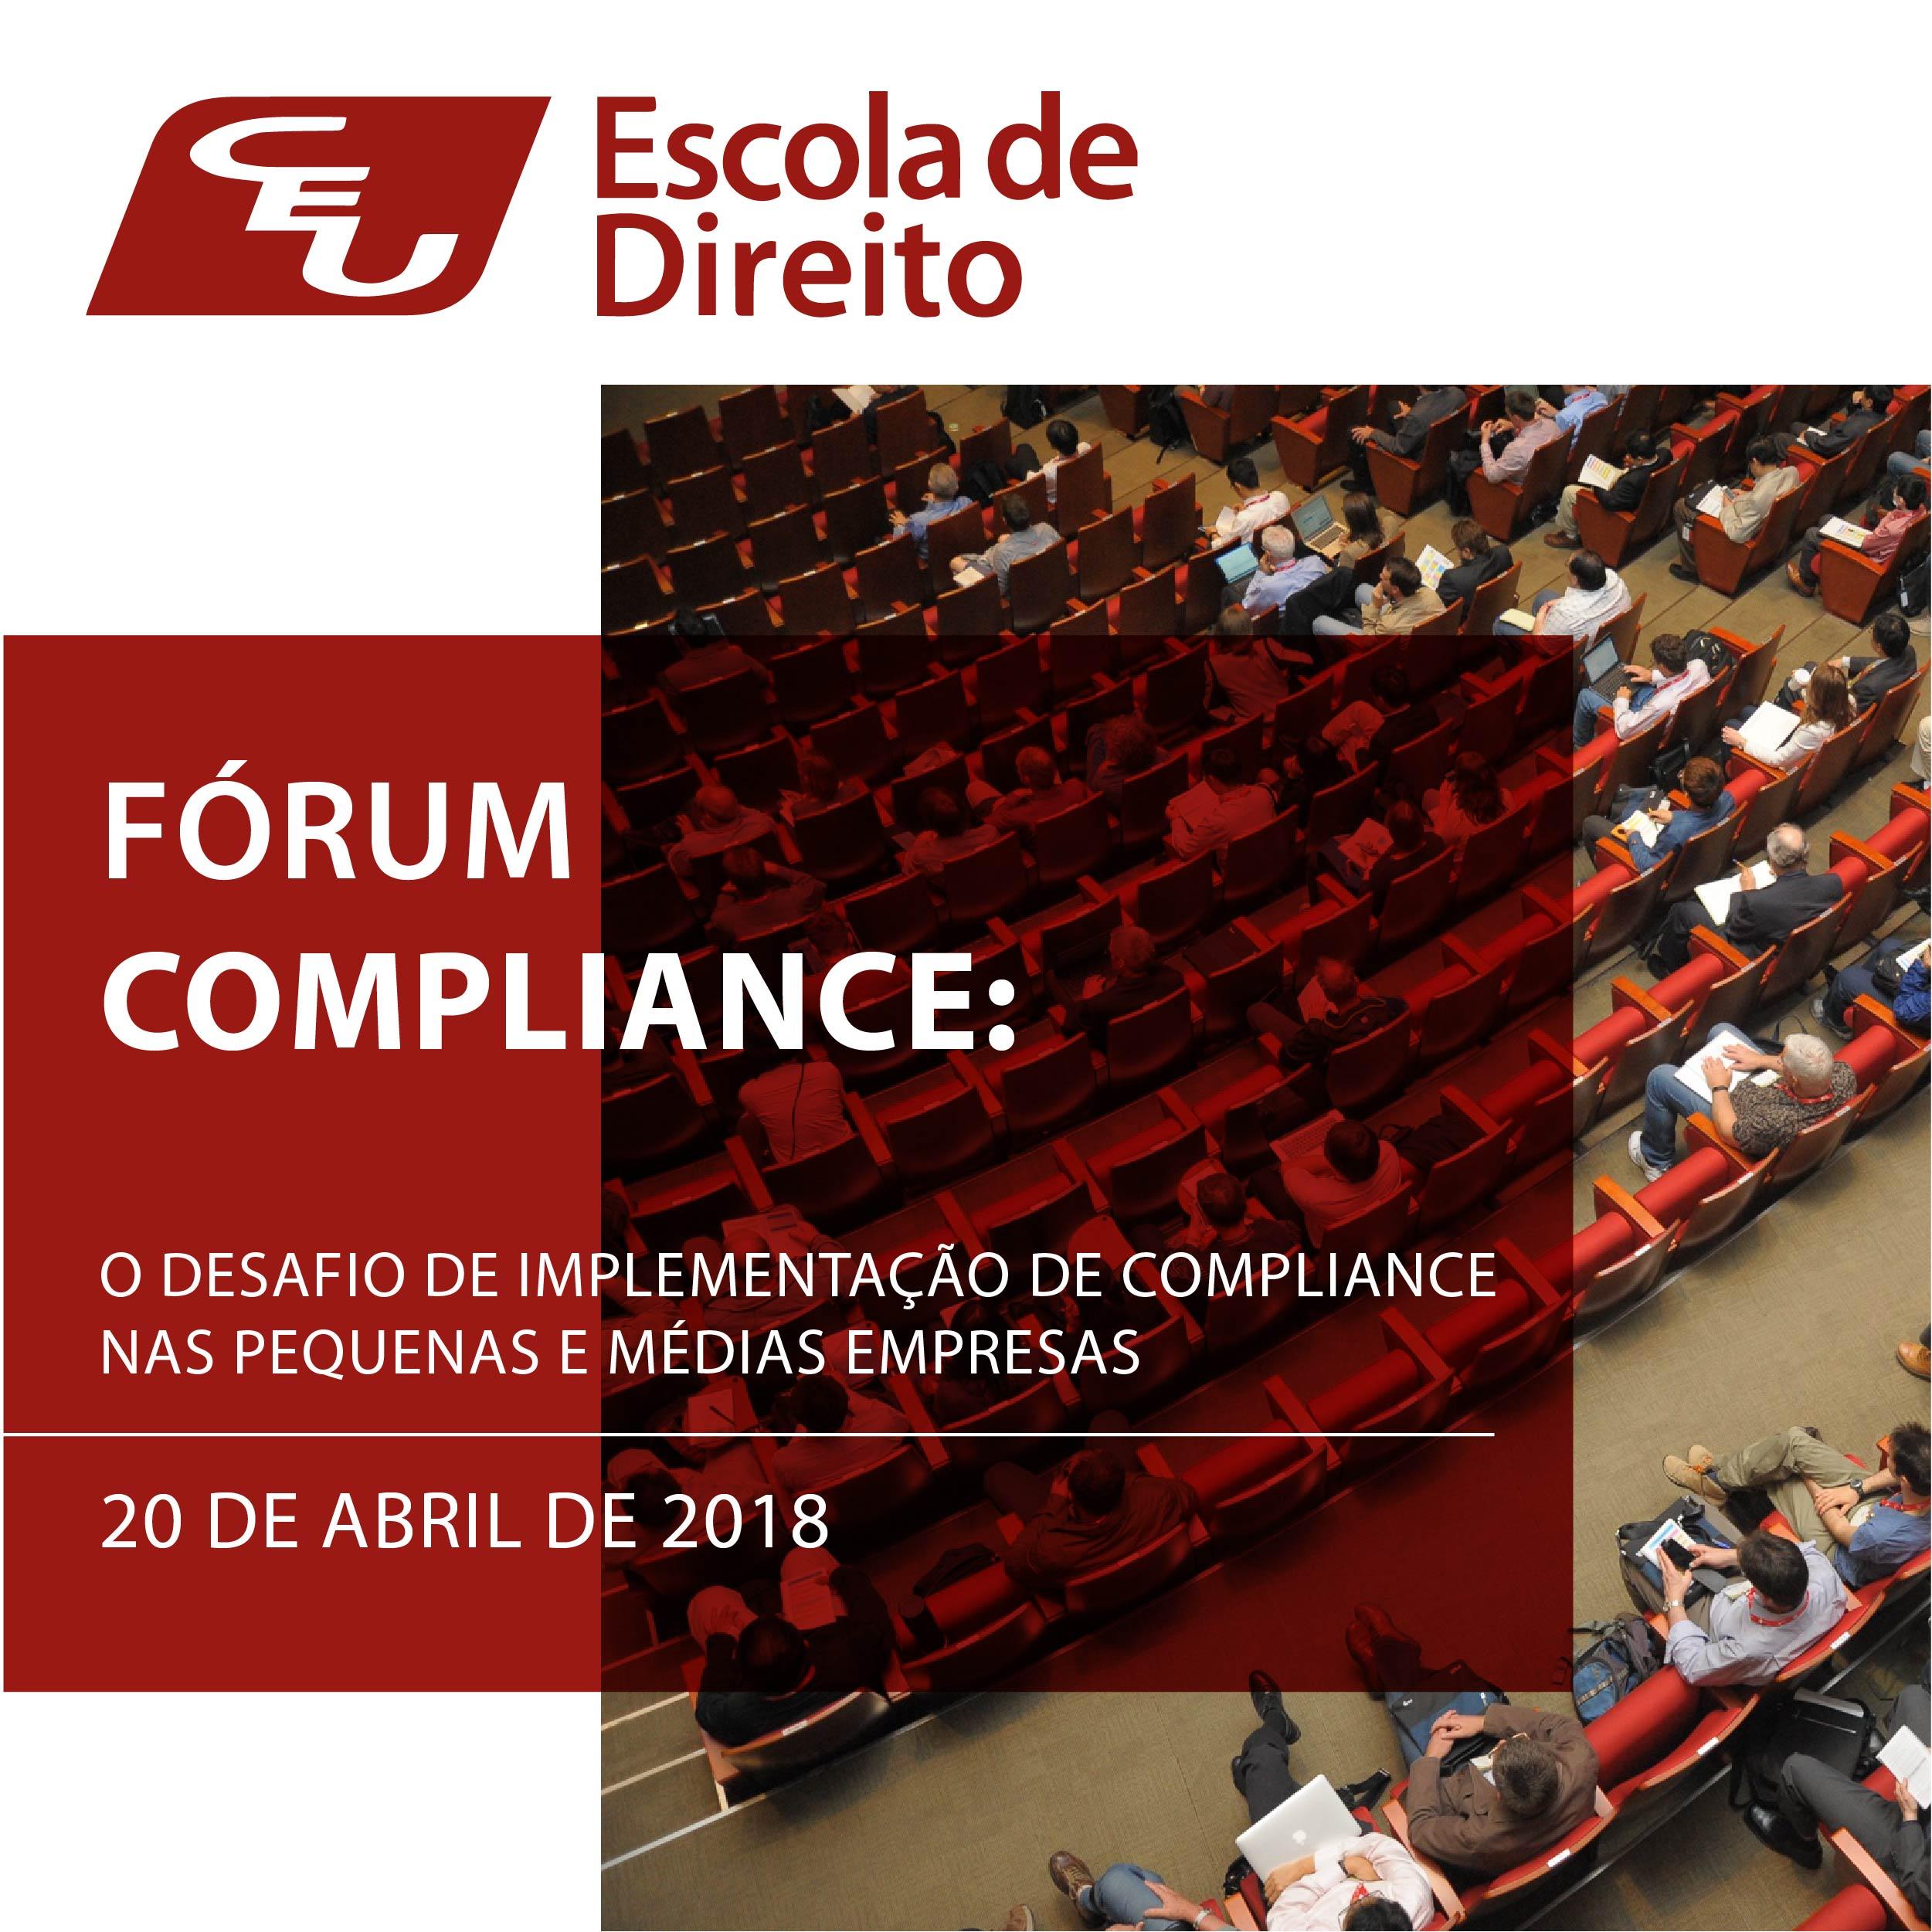 Fórum sobre Compliance apresenta os desafios e benefícios para integridade corporativa